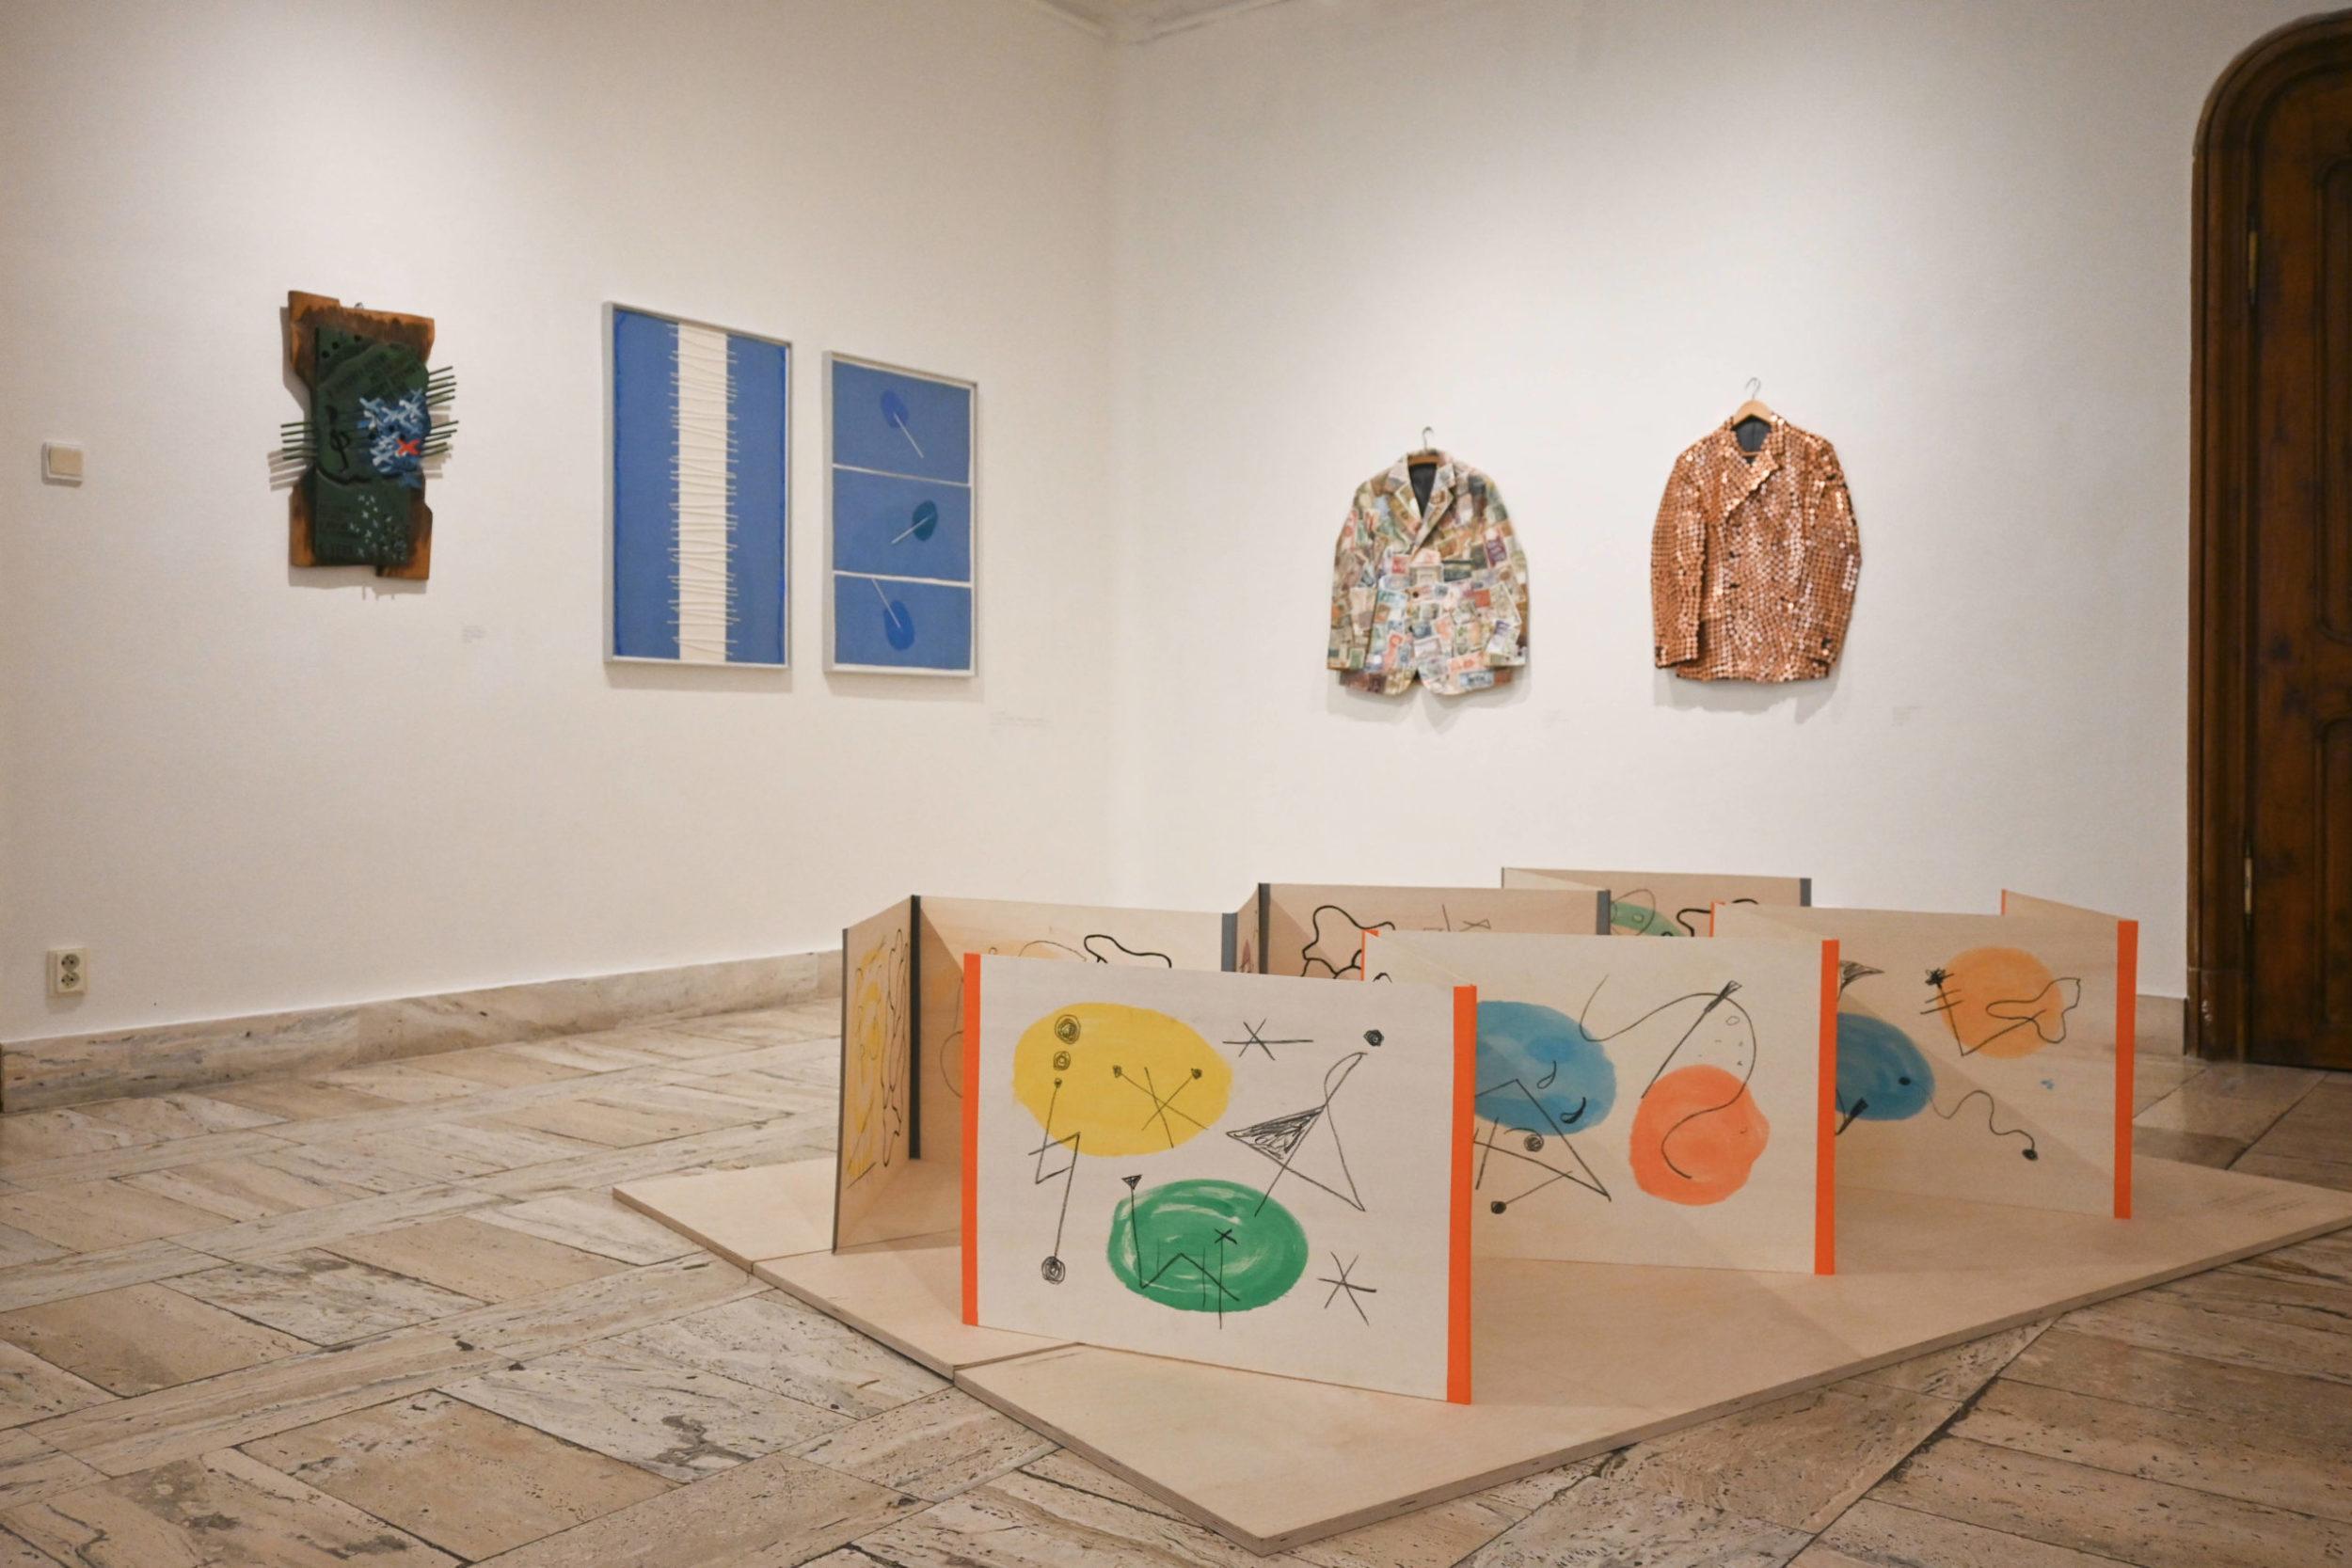 galéria mesta Bratislavy výstava umenie obraz